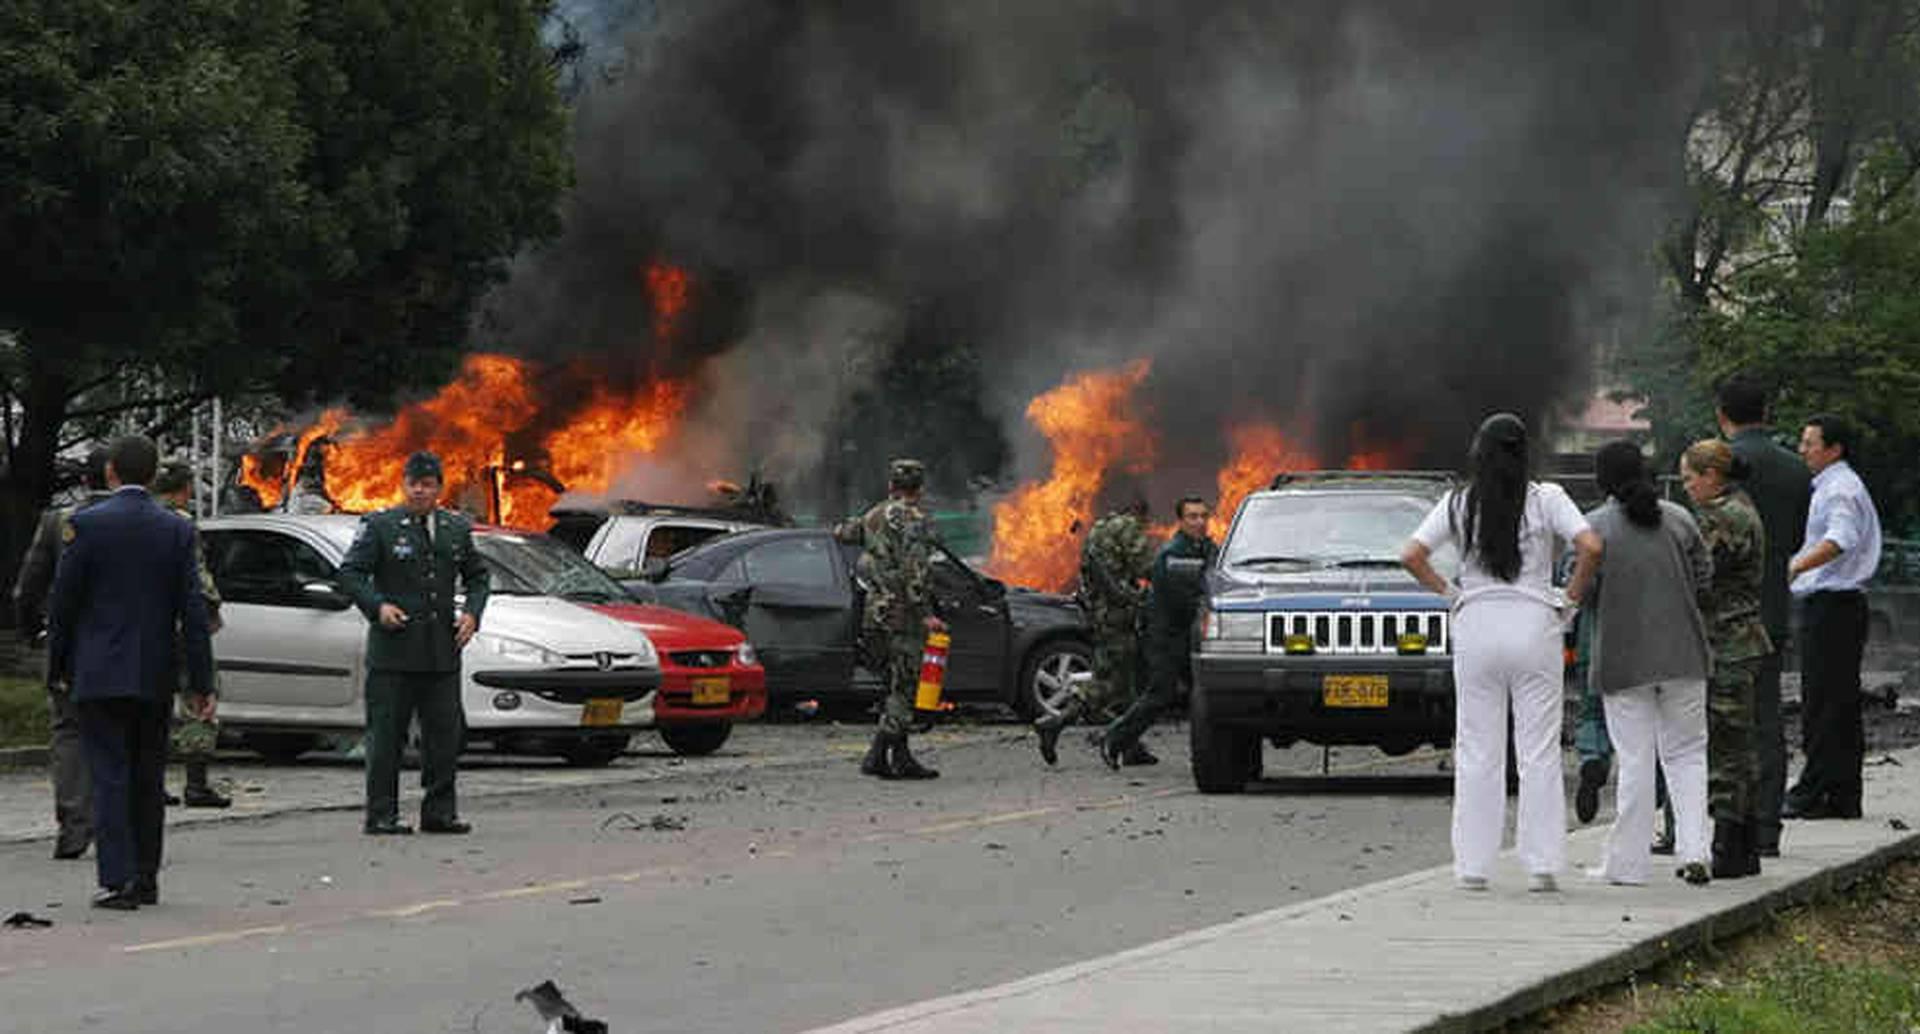 El atentado en la Escuela Superior de Guerra, el 19 de octubre de 2006 en la calle 102 número 7-80, en Bogotá